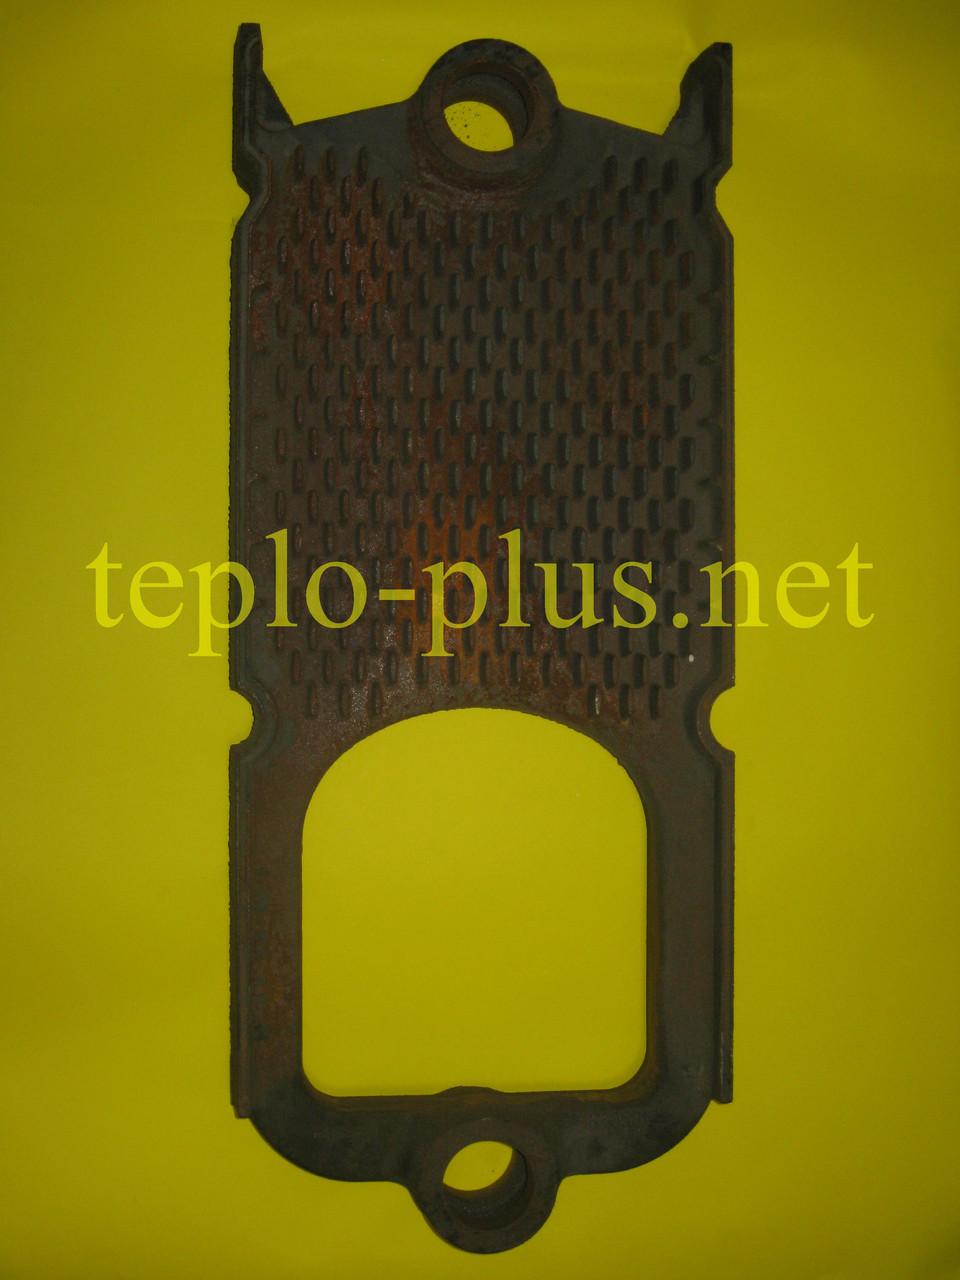 Секция теплообменника средняя (промежуточная) 001630500 Bongioanni Eurobongas 1/9, фото 2